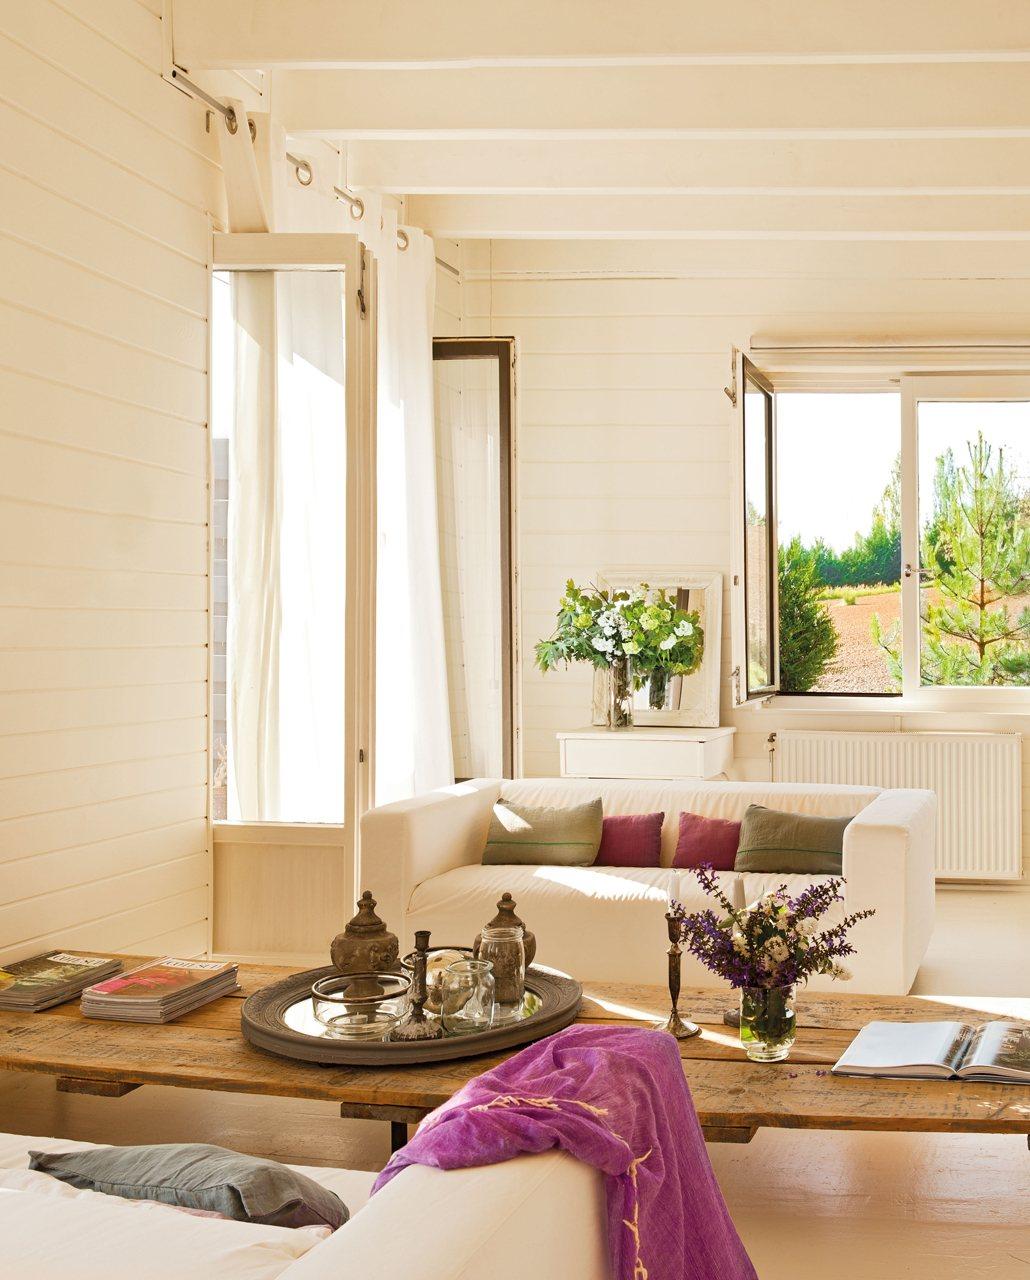 Una casa de madera decorada con mucho estilo - Casas de madera decoracion ...